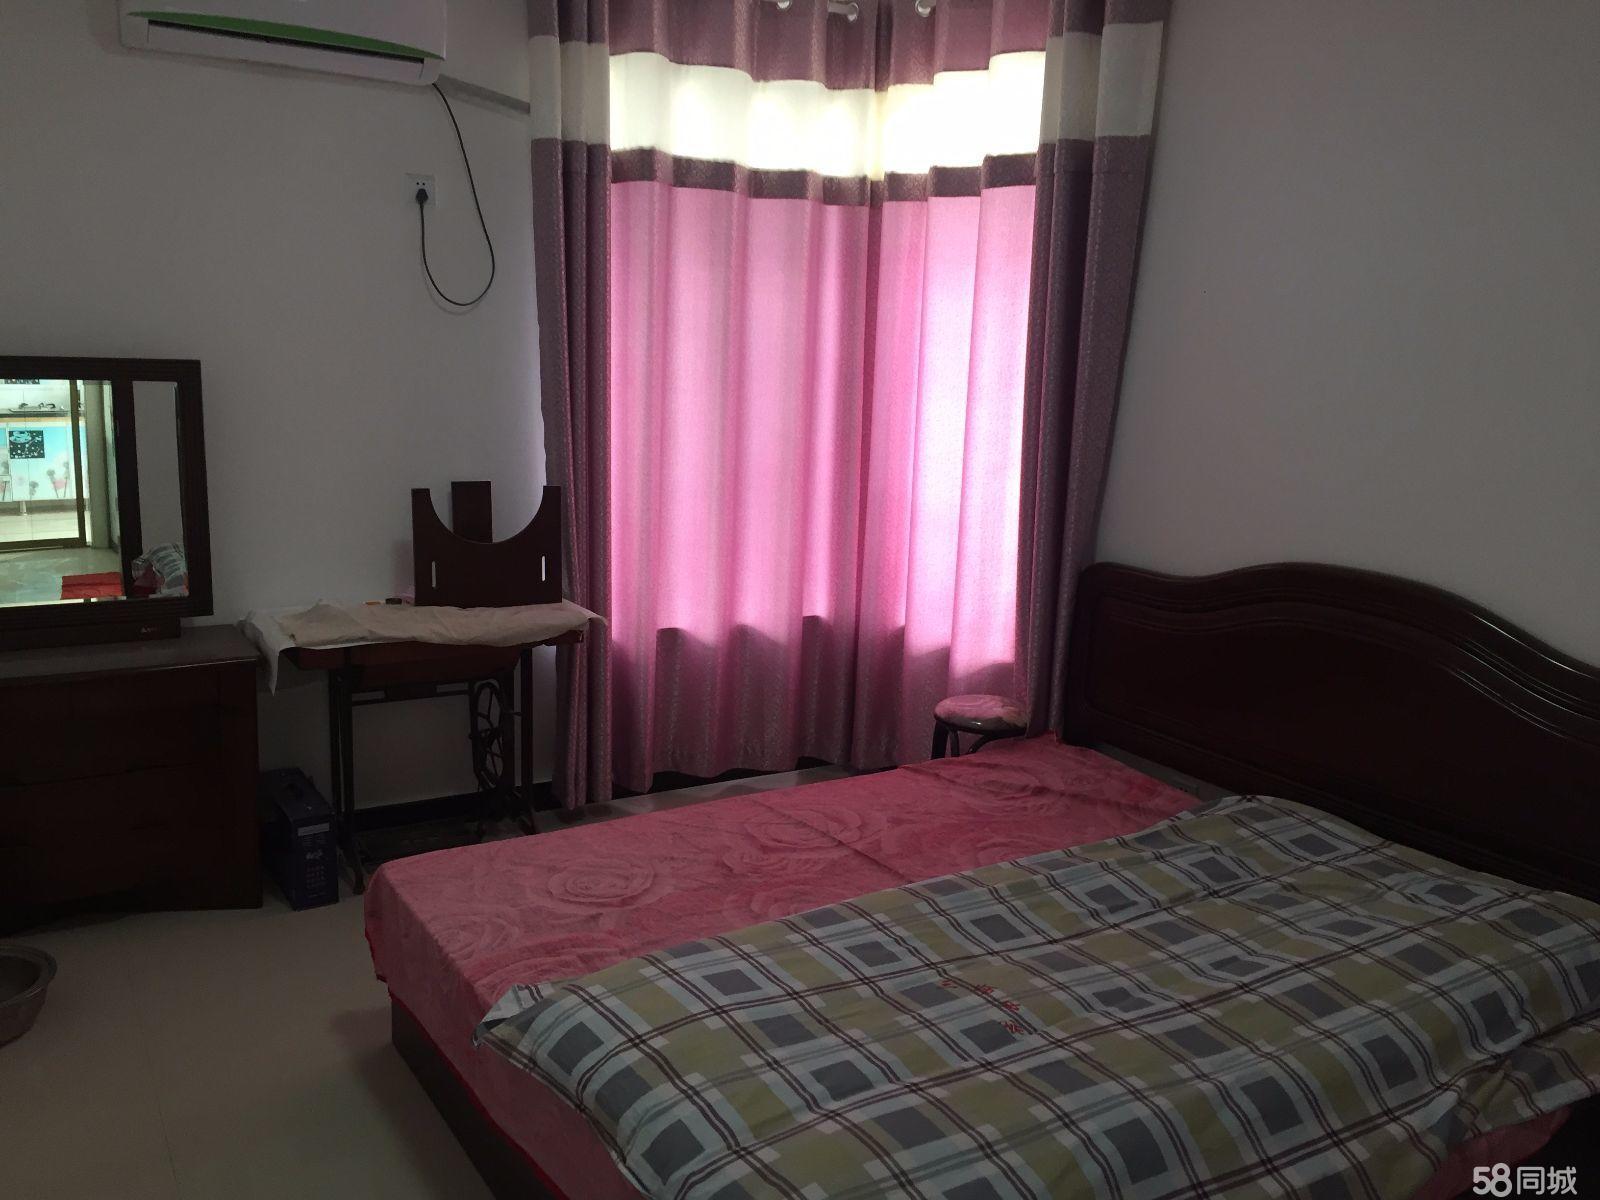 莎车莎车县紫微花3室2厅1卫100平米